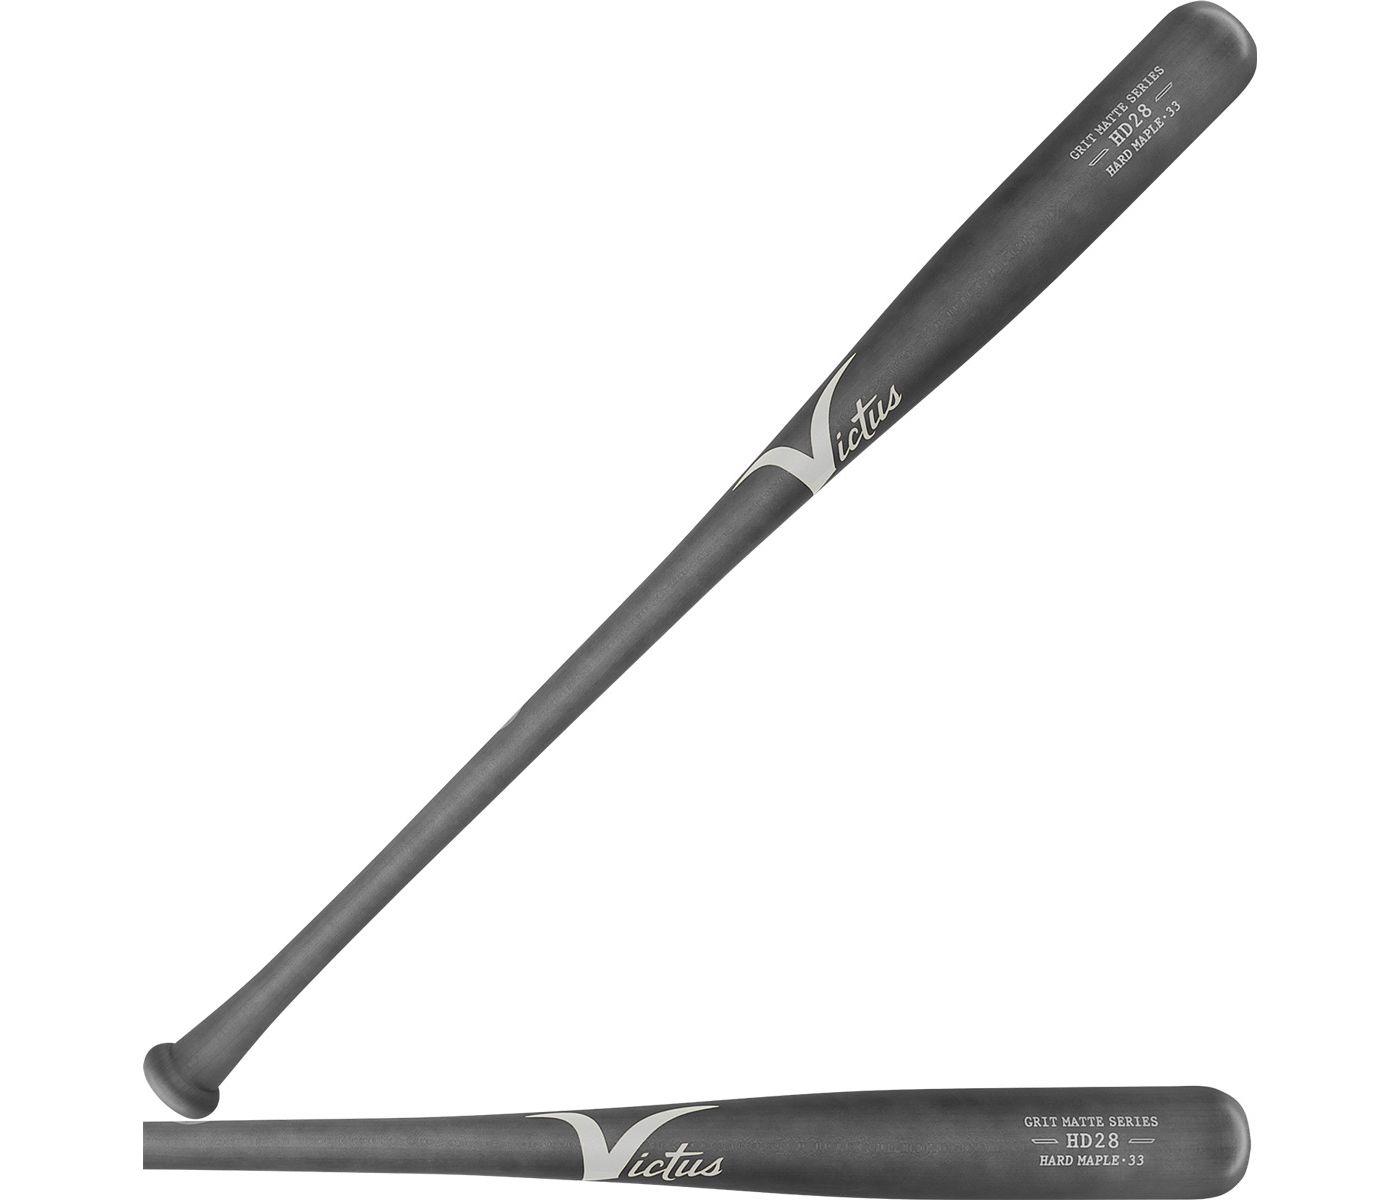 Victus Pro Reserve JC24 Maple Bat